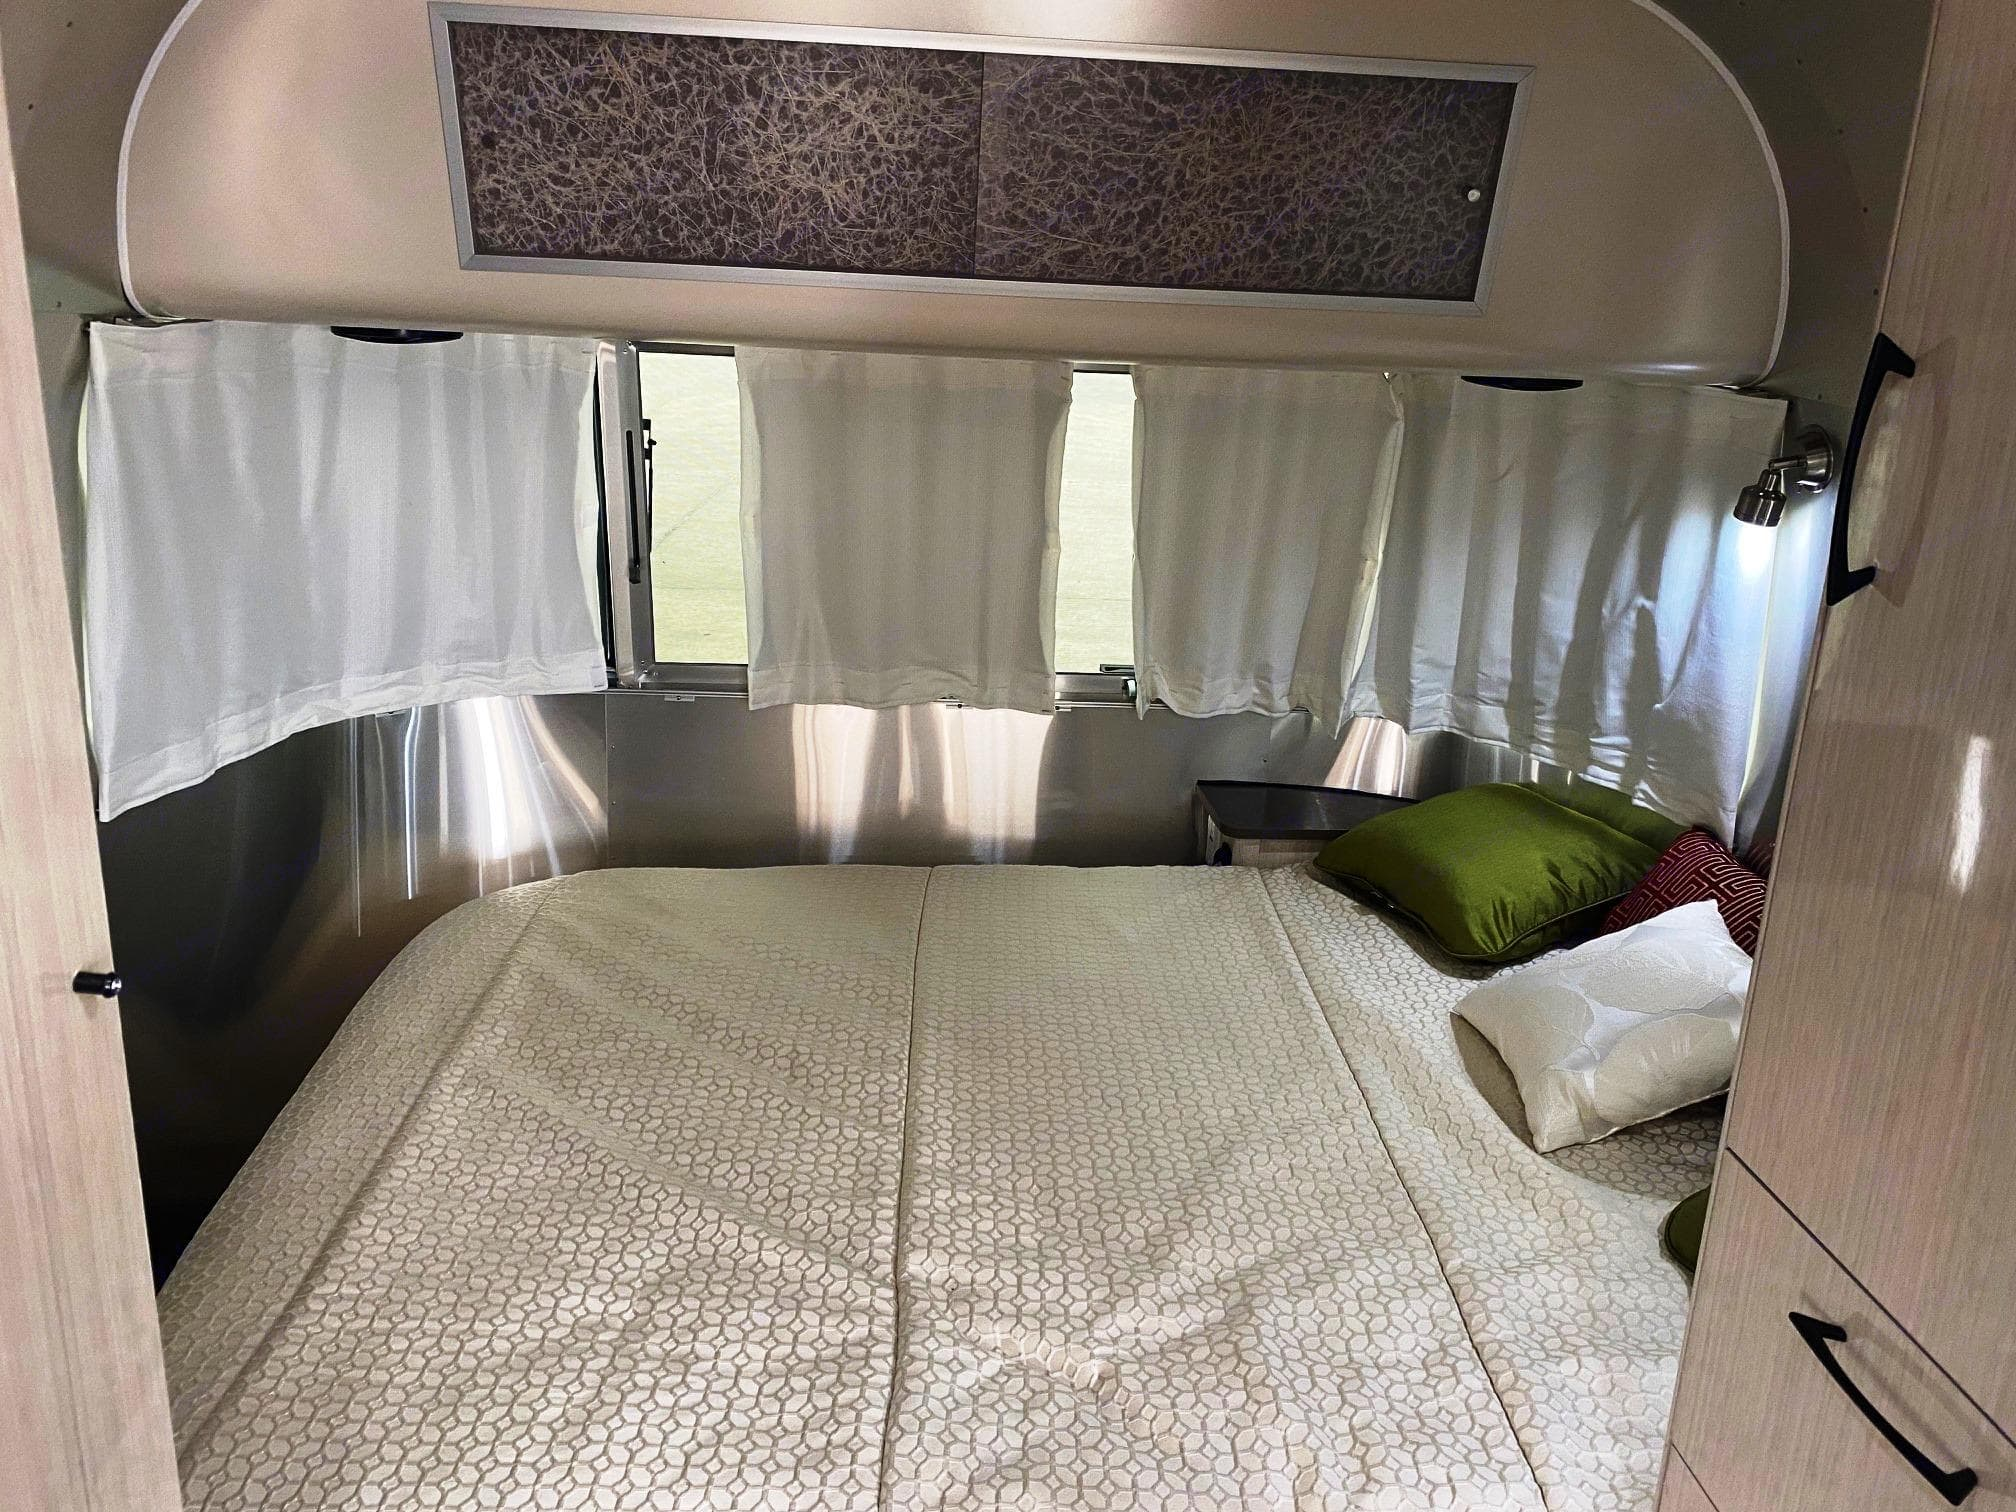 Airstream International Serenity 2019